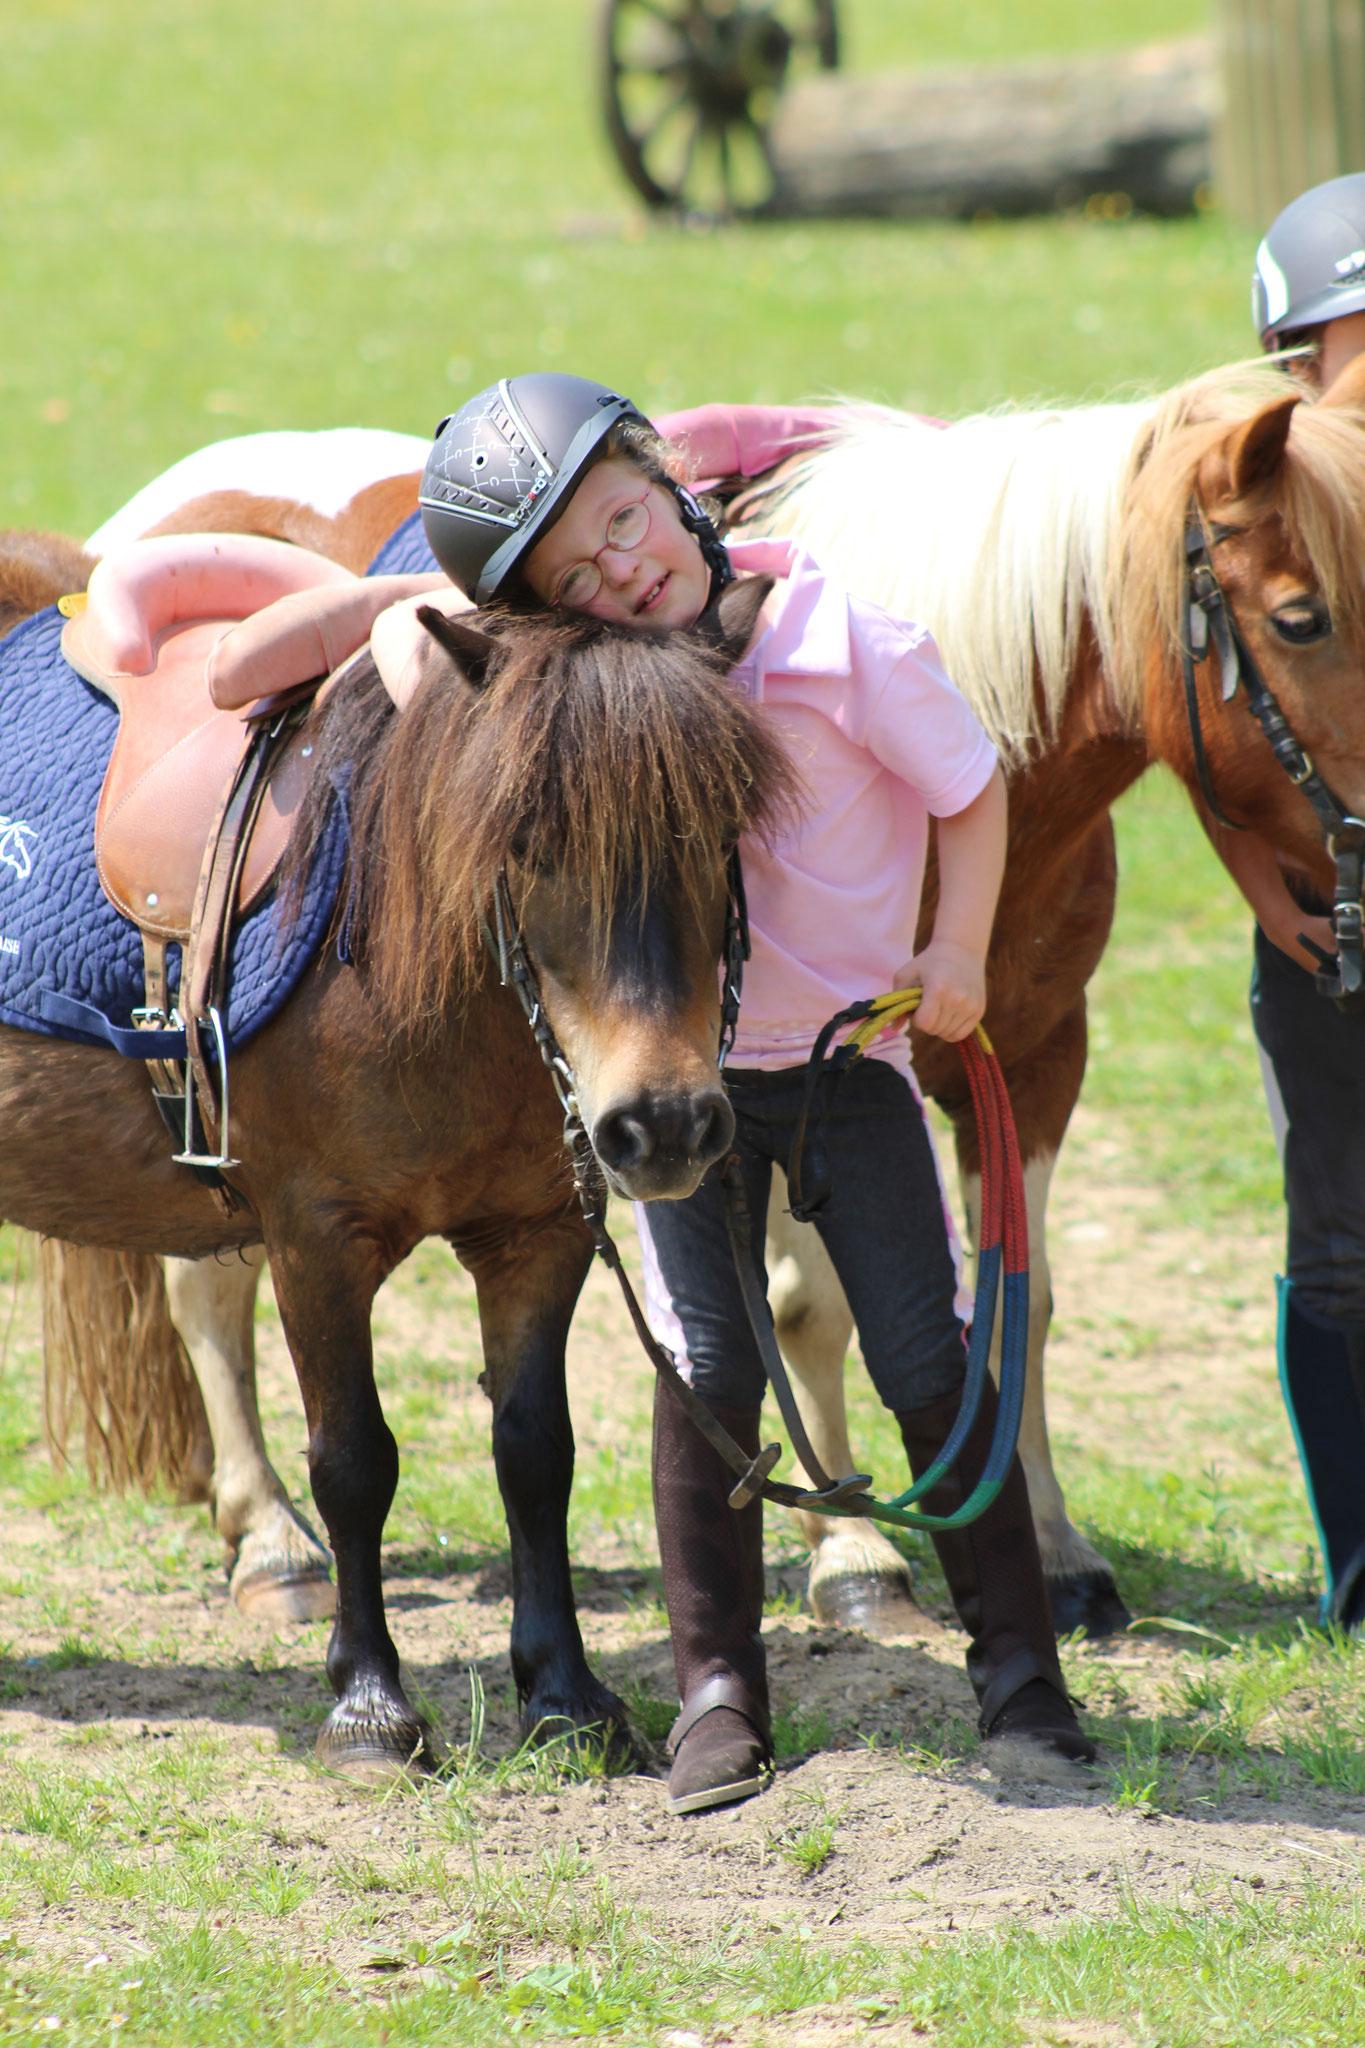 Les joies de l'équitation